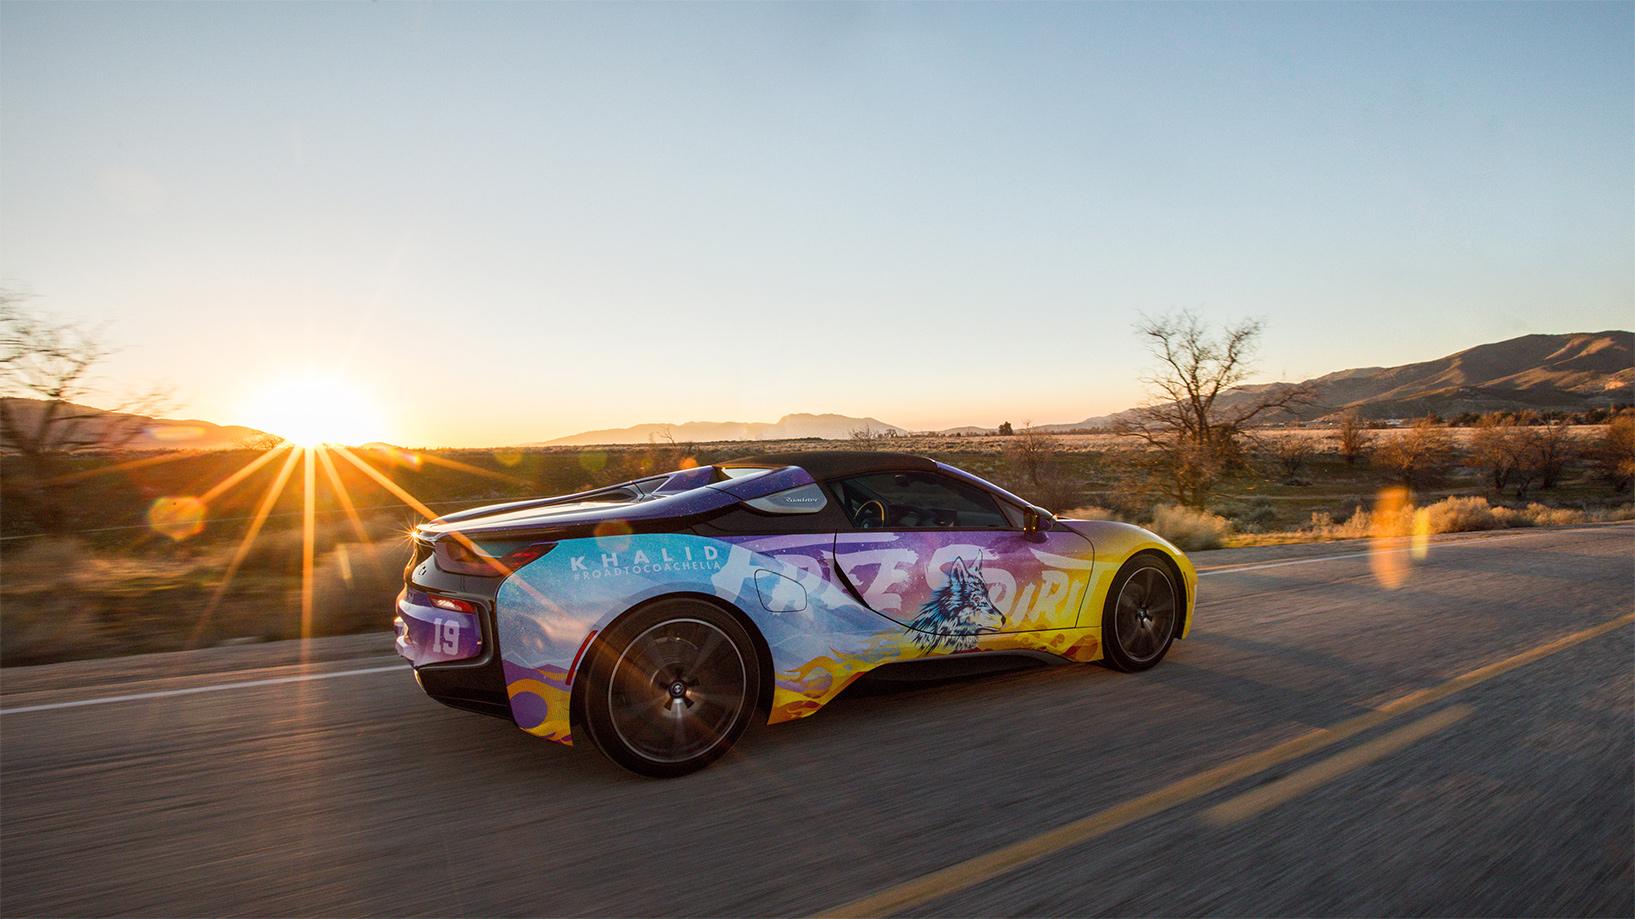 TrackWorthy - BMW i8 Coachella (2)